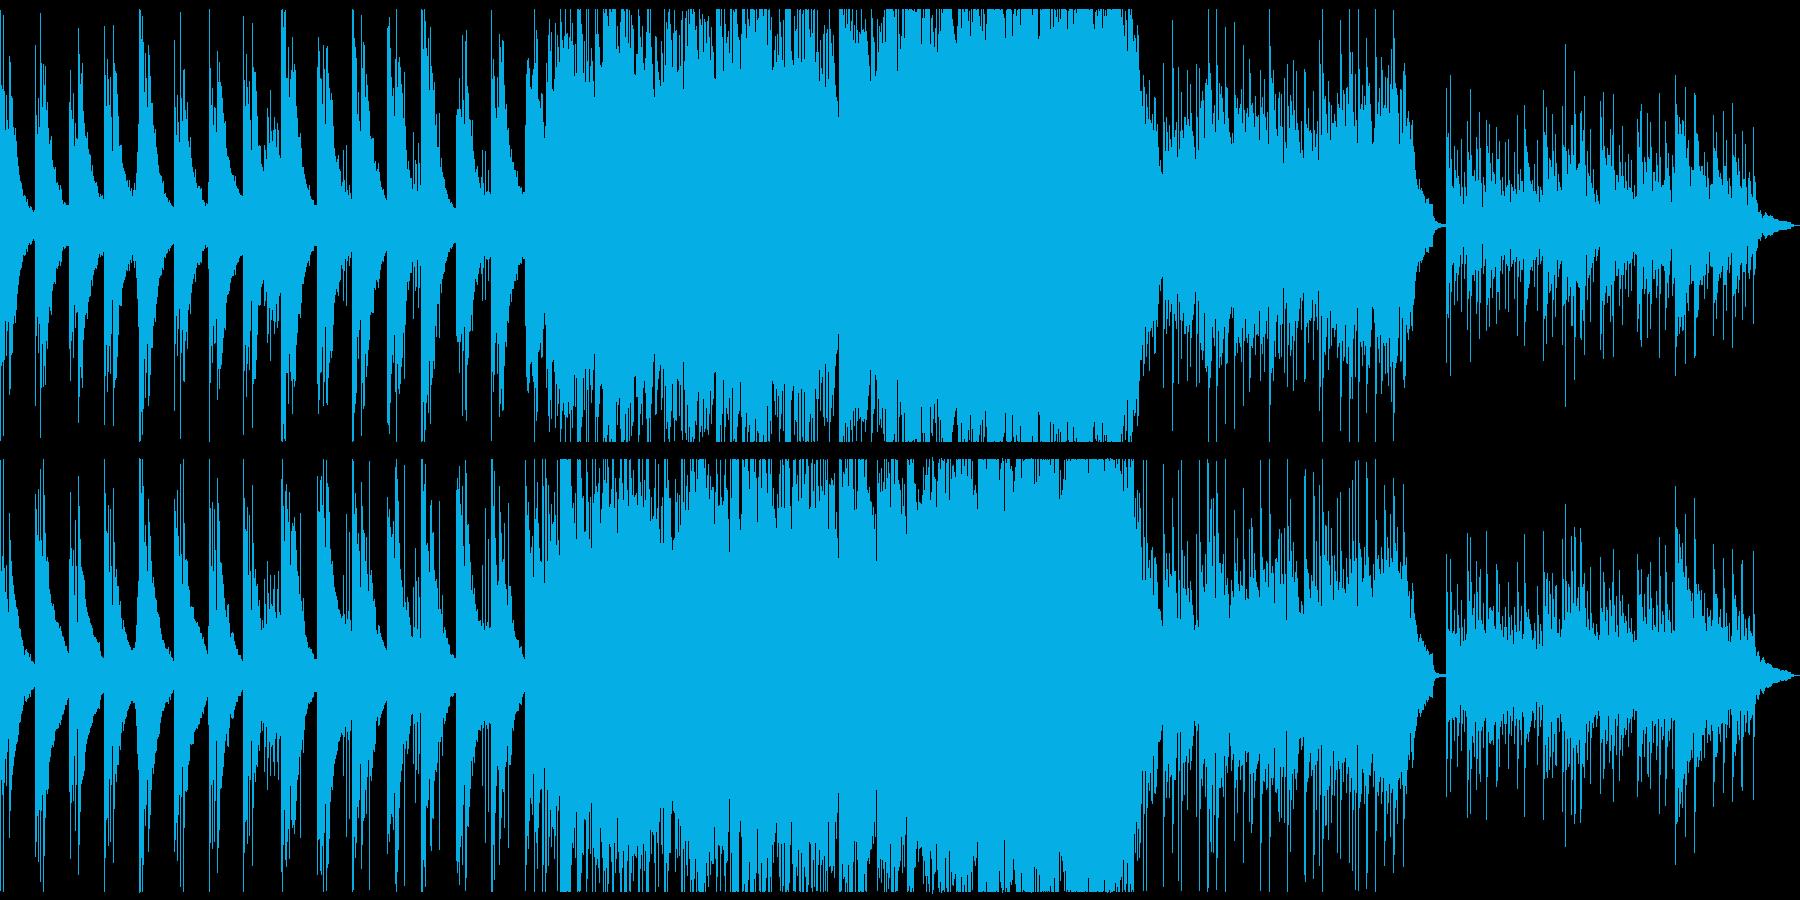 物悲しい・美しい/ゲーム系BGM/M1の再生済みの波形